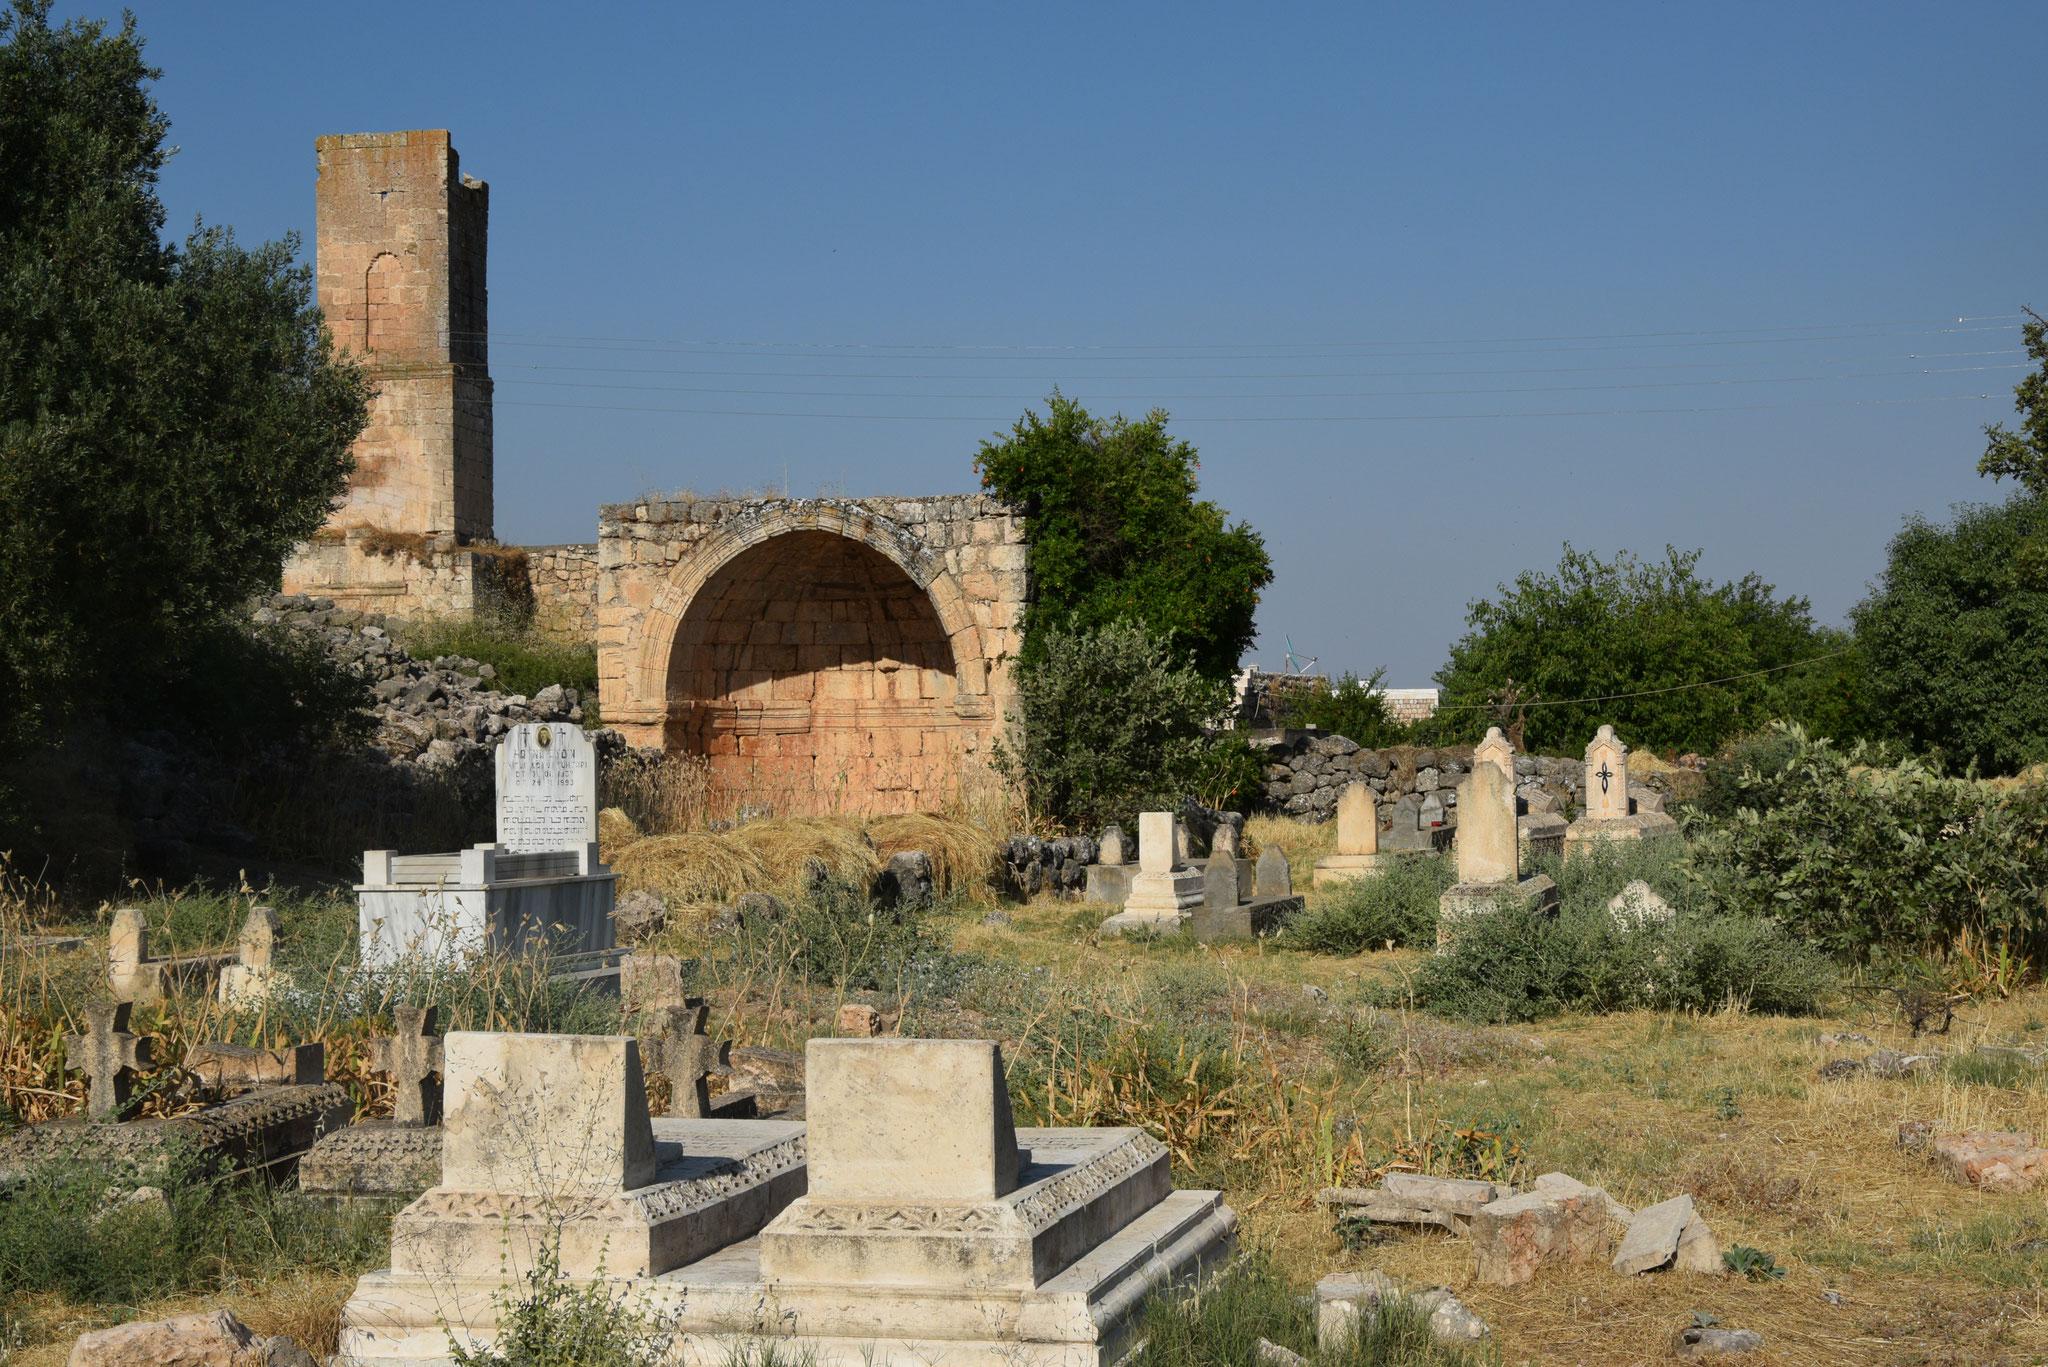 Im Dorf Hah gibt es freilich auch weitere alte und verfallene Kirchen. Wie auch an vielen anderen Orten des Tur Abdin. Die Christen bemühen sich aber, möglichst viele Kirchen zu erhalten oder auch neu zu renovieren.